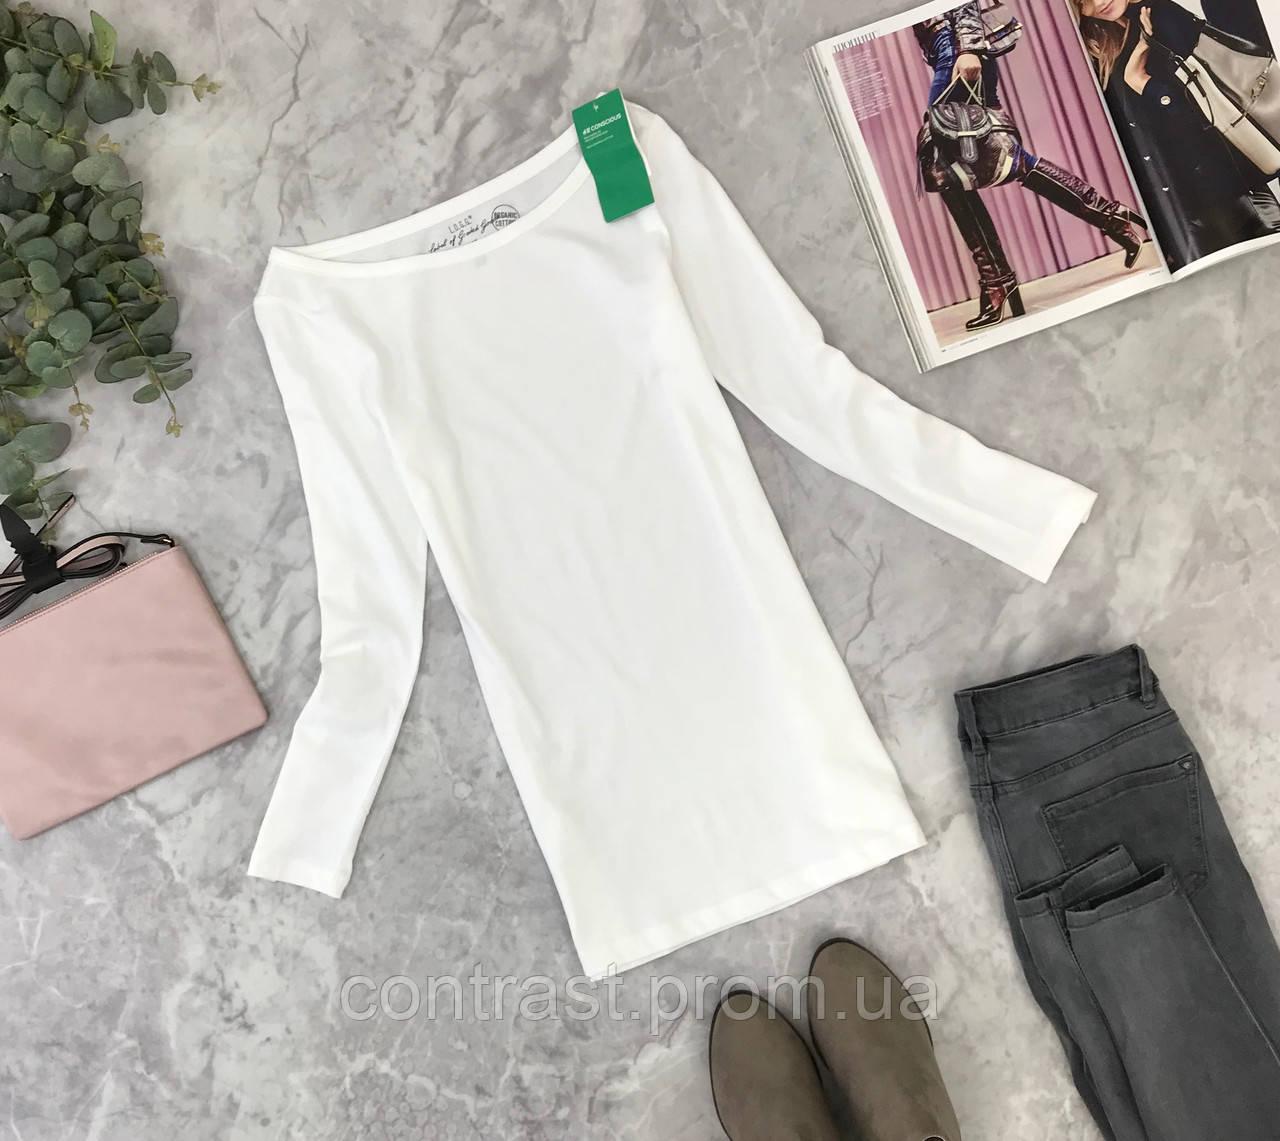 Базовый лонгслив белого цвета H&M  SH1845065 H&M